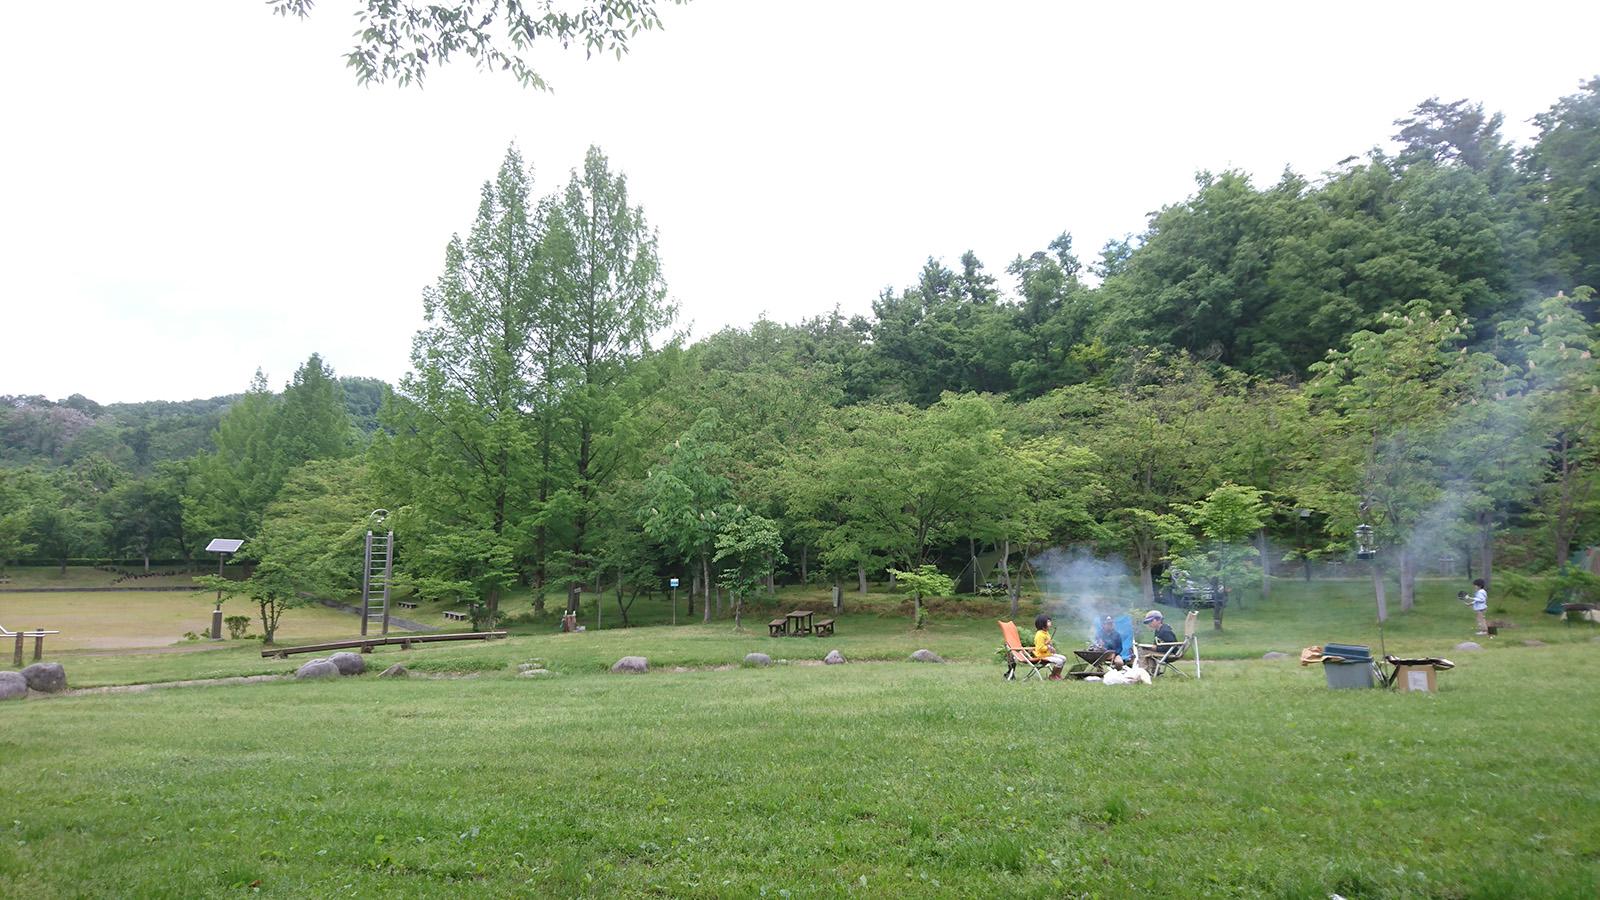 2017年5月27日・28日 キャンプ@いこいの森